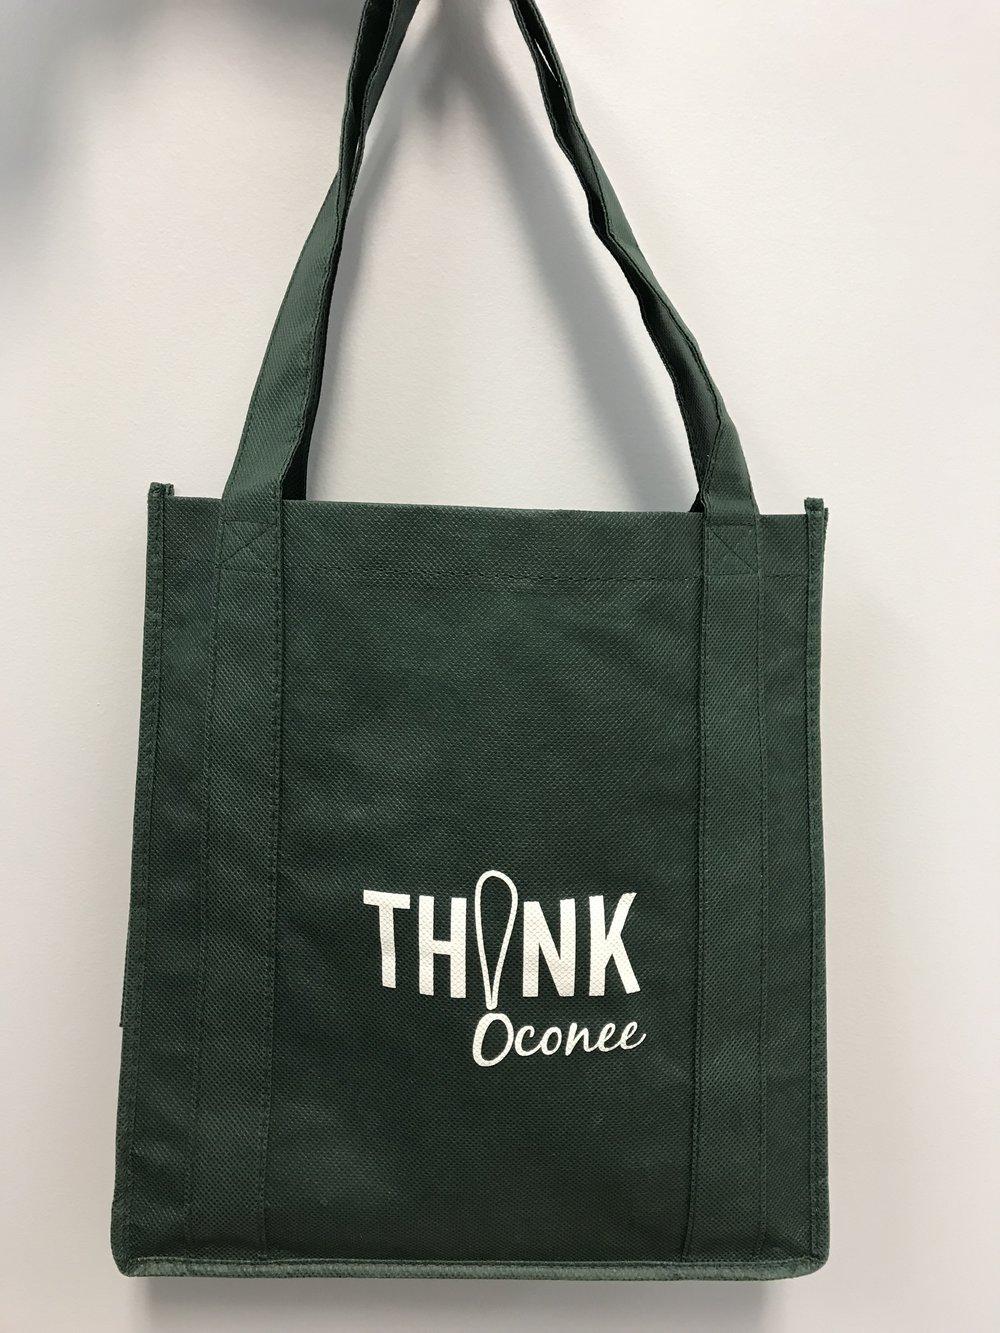 Th!nk Oconee Bag - Where to find them:M. Tannery & Sons (Seneca, SC)Green Springs (Seneca, SC)Loblolly Arts (Seneca, SC)Casual Carolina (Seneca, SC)Twenty 8 West (Walhalla, SC)